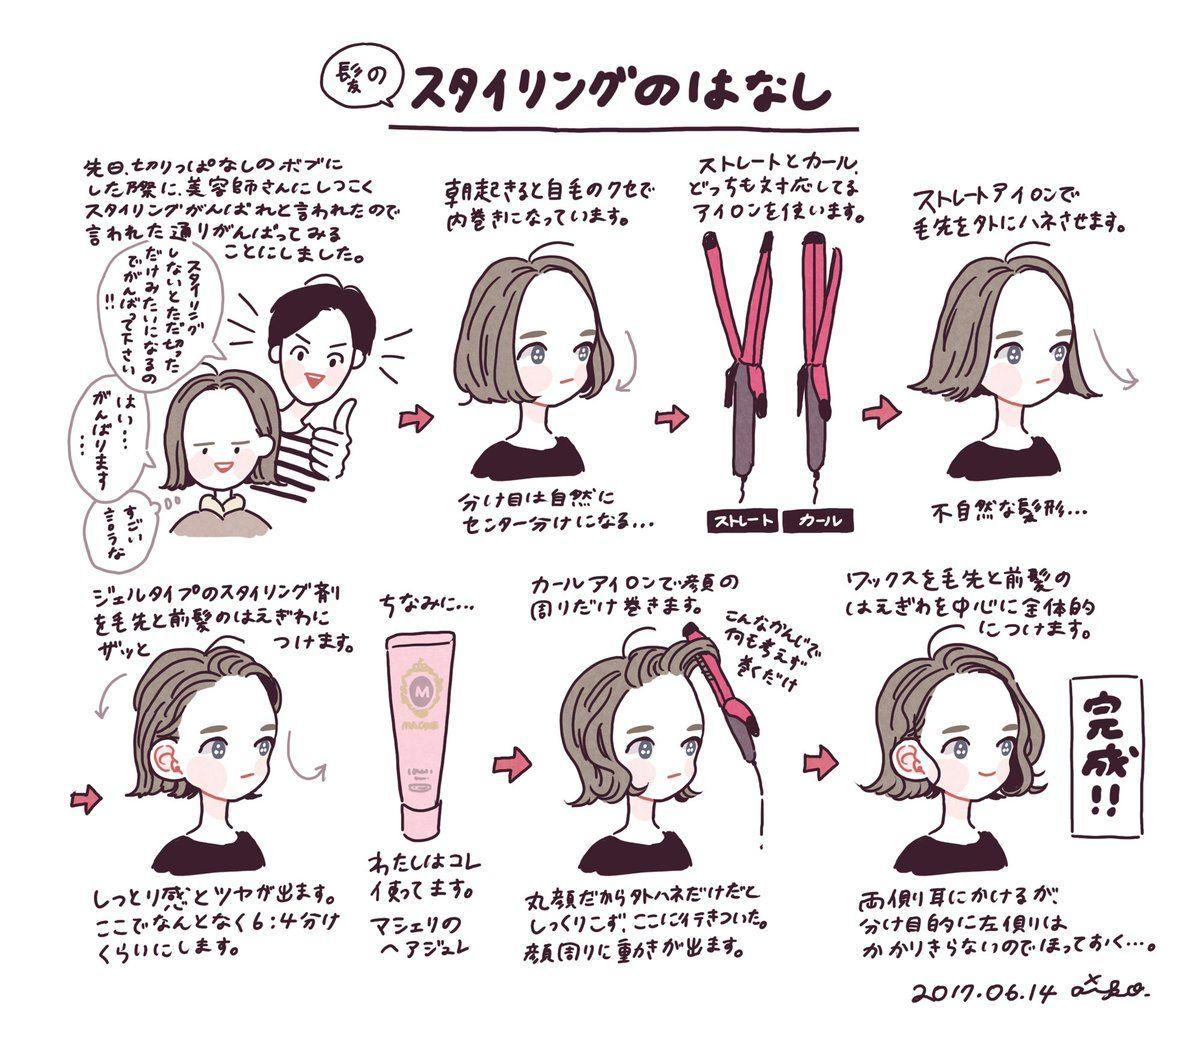 あい子 Aiko15pyt さんの漫画 10作目 ツイコミ 仮 ヘア